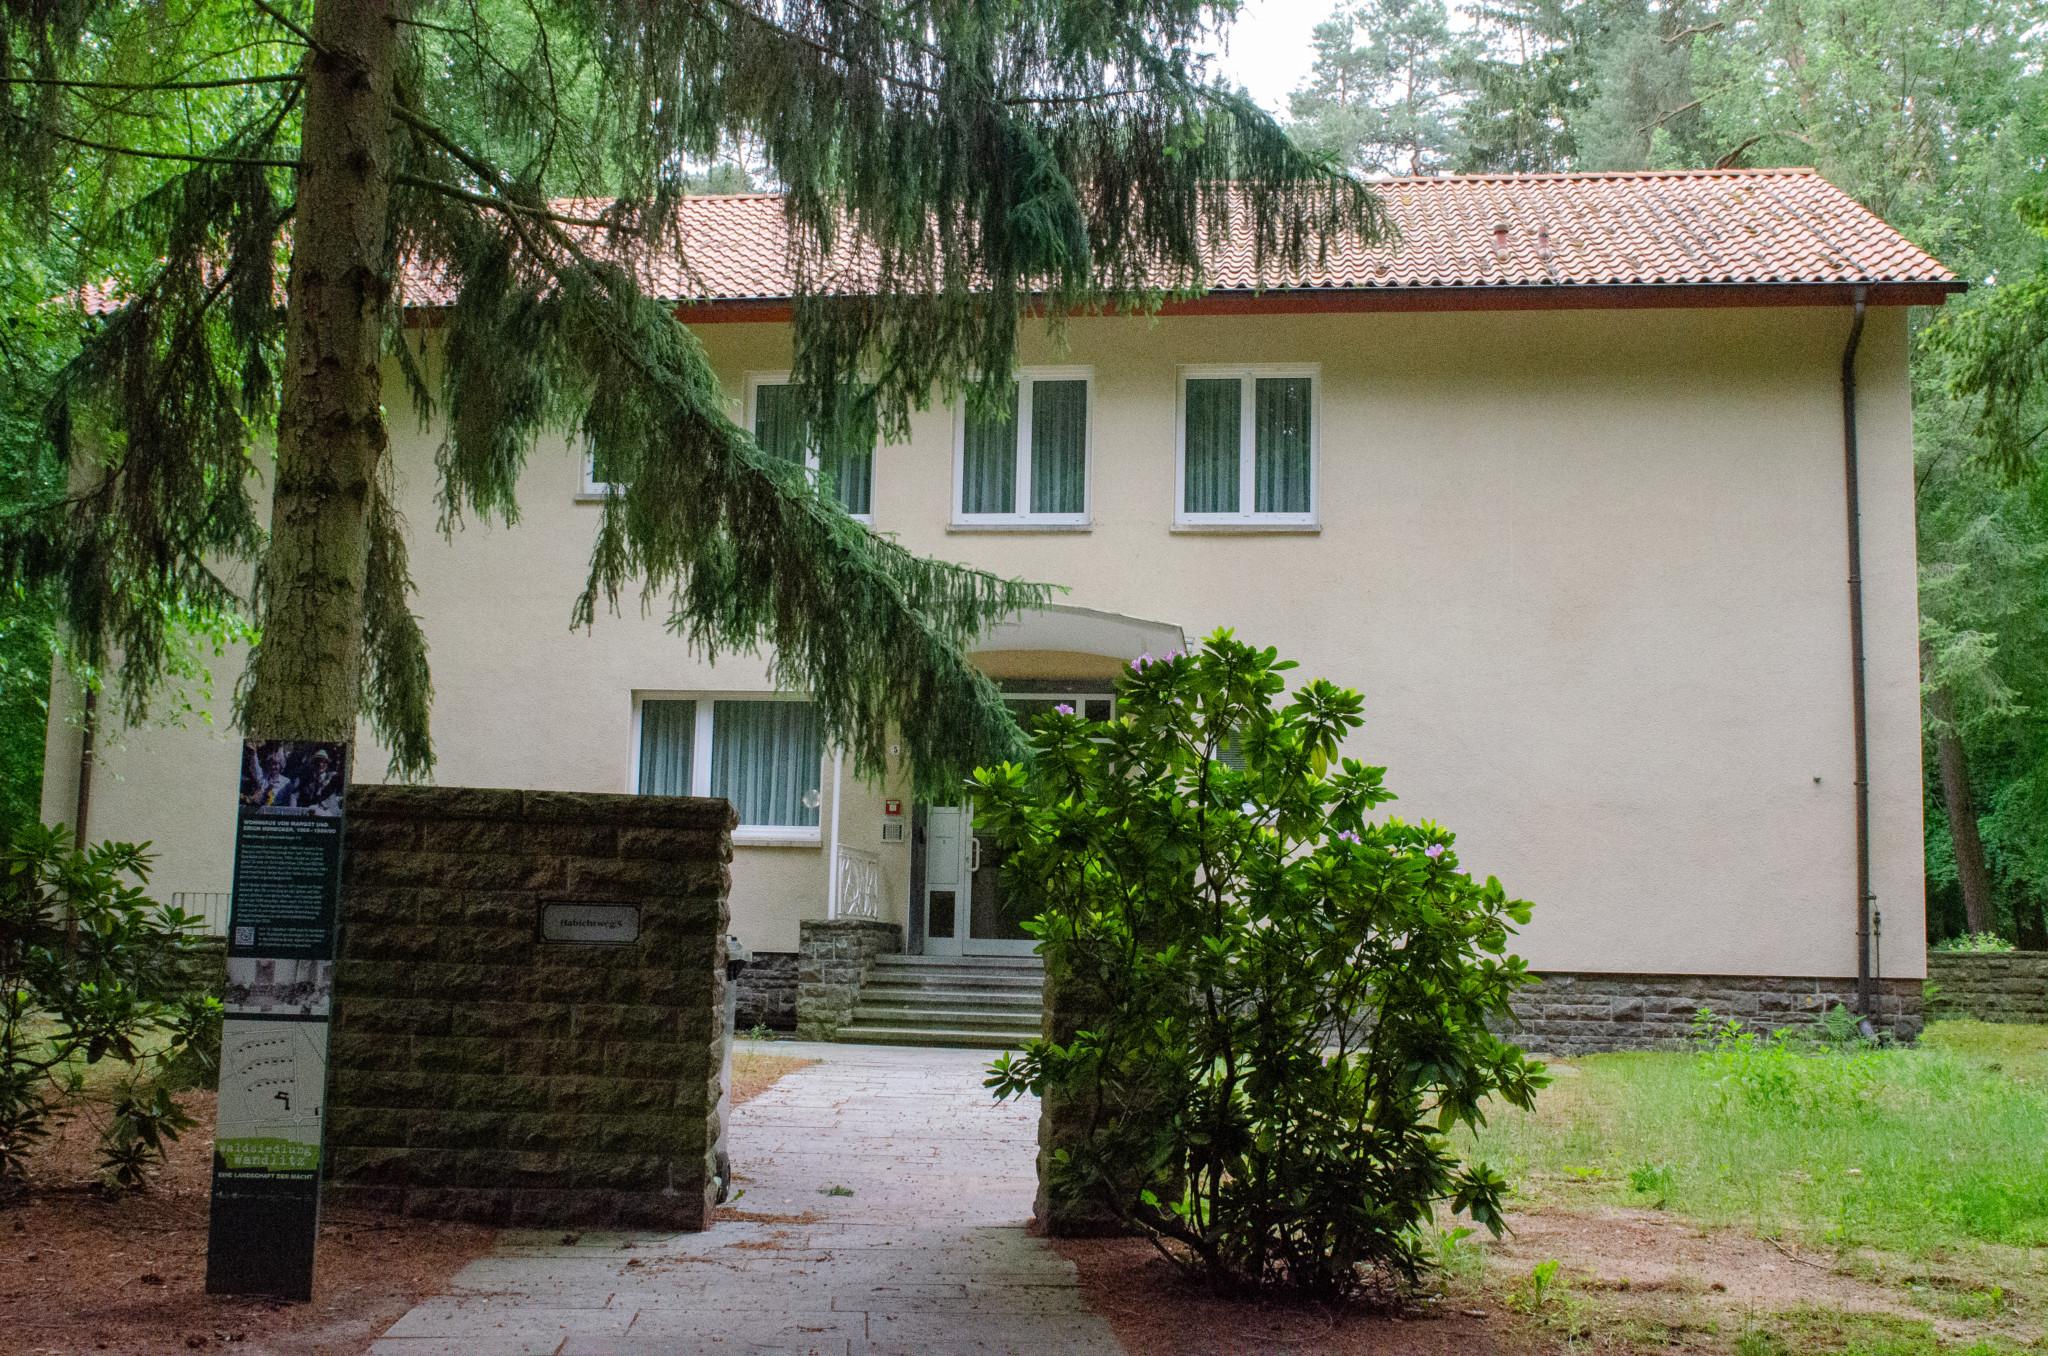 Honeckers Haus kann man in der Waldsiedlung Wandlitz noch sehen